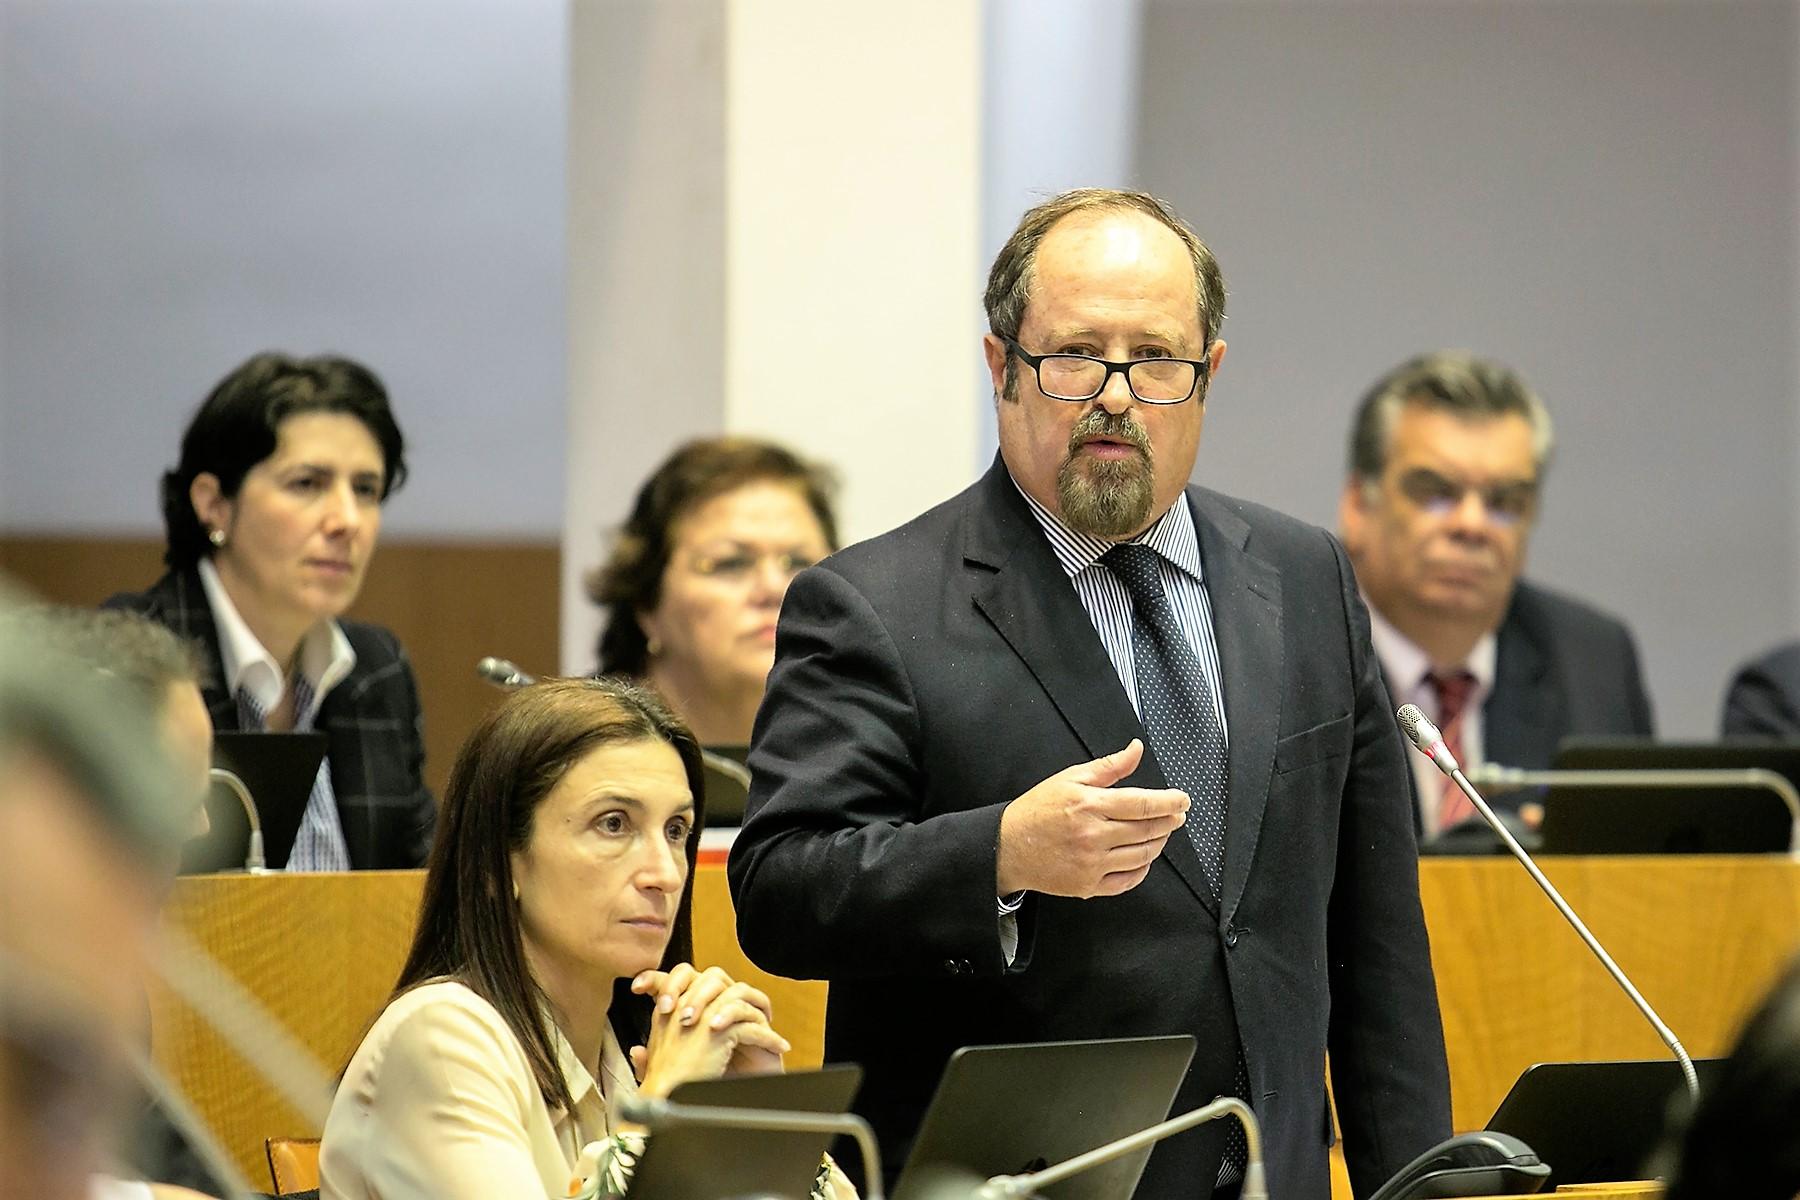 """Governo dos Açores tem """"estratégia clara para o Mar"""" e não vai abdicar dos direitos da Região, diz José Contente"""